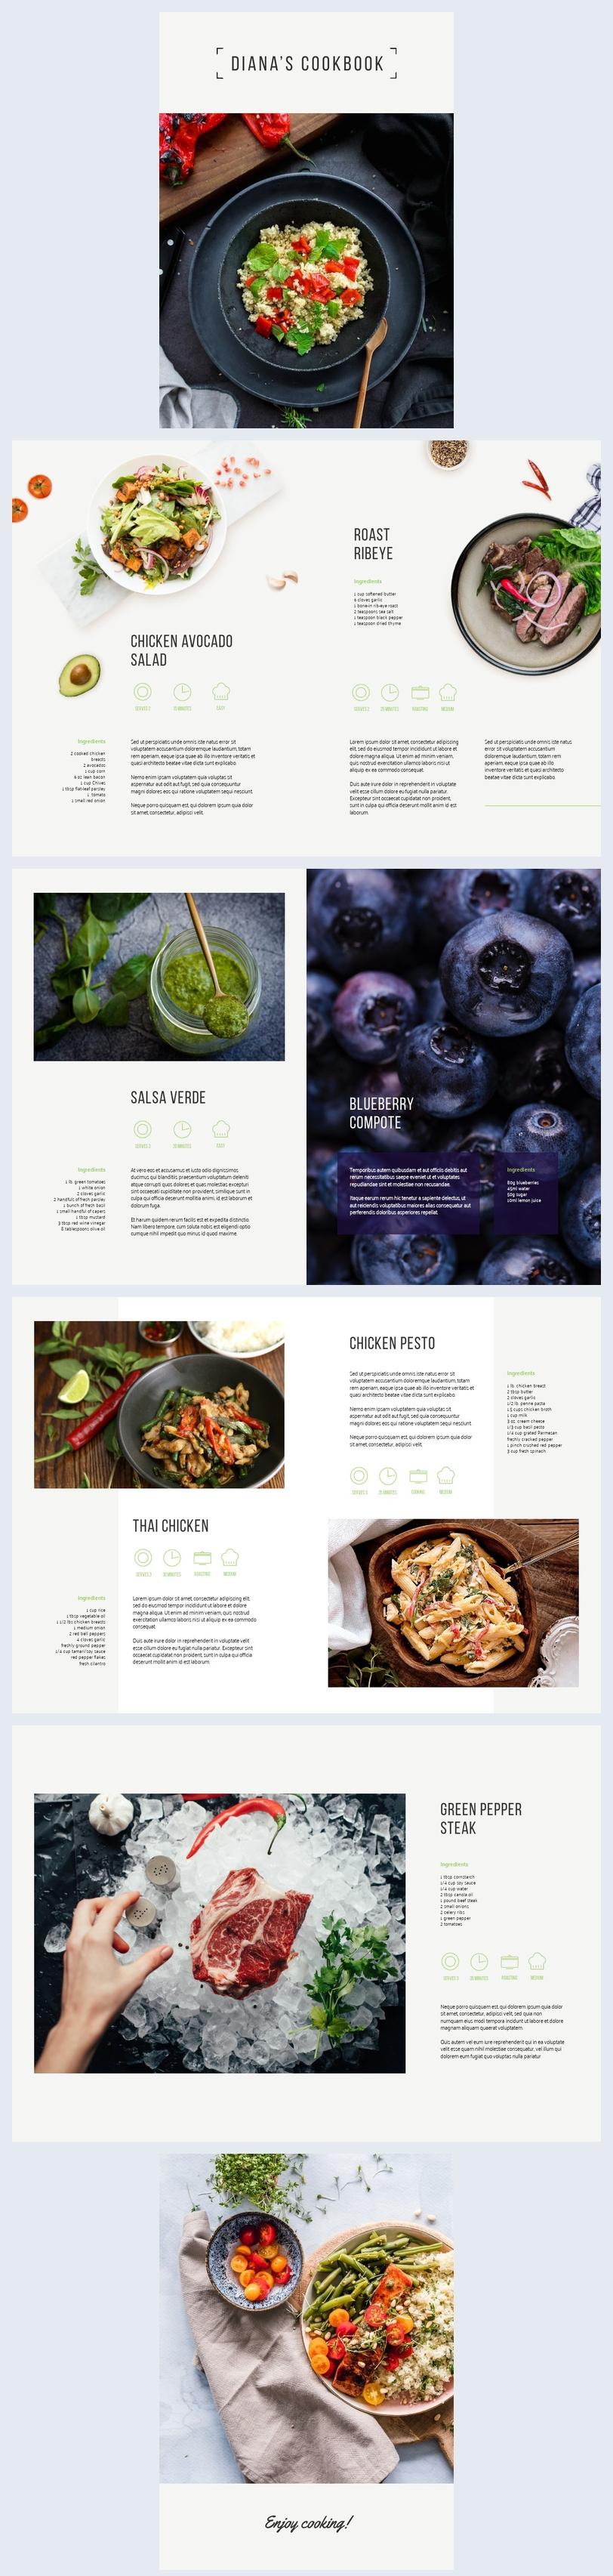 Esempio di grafica per ricettario sull'alimentazione sana